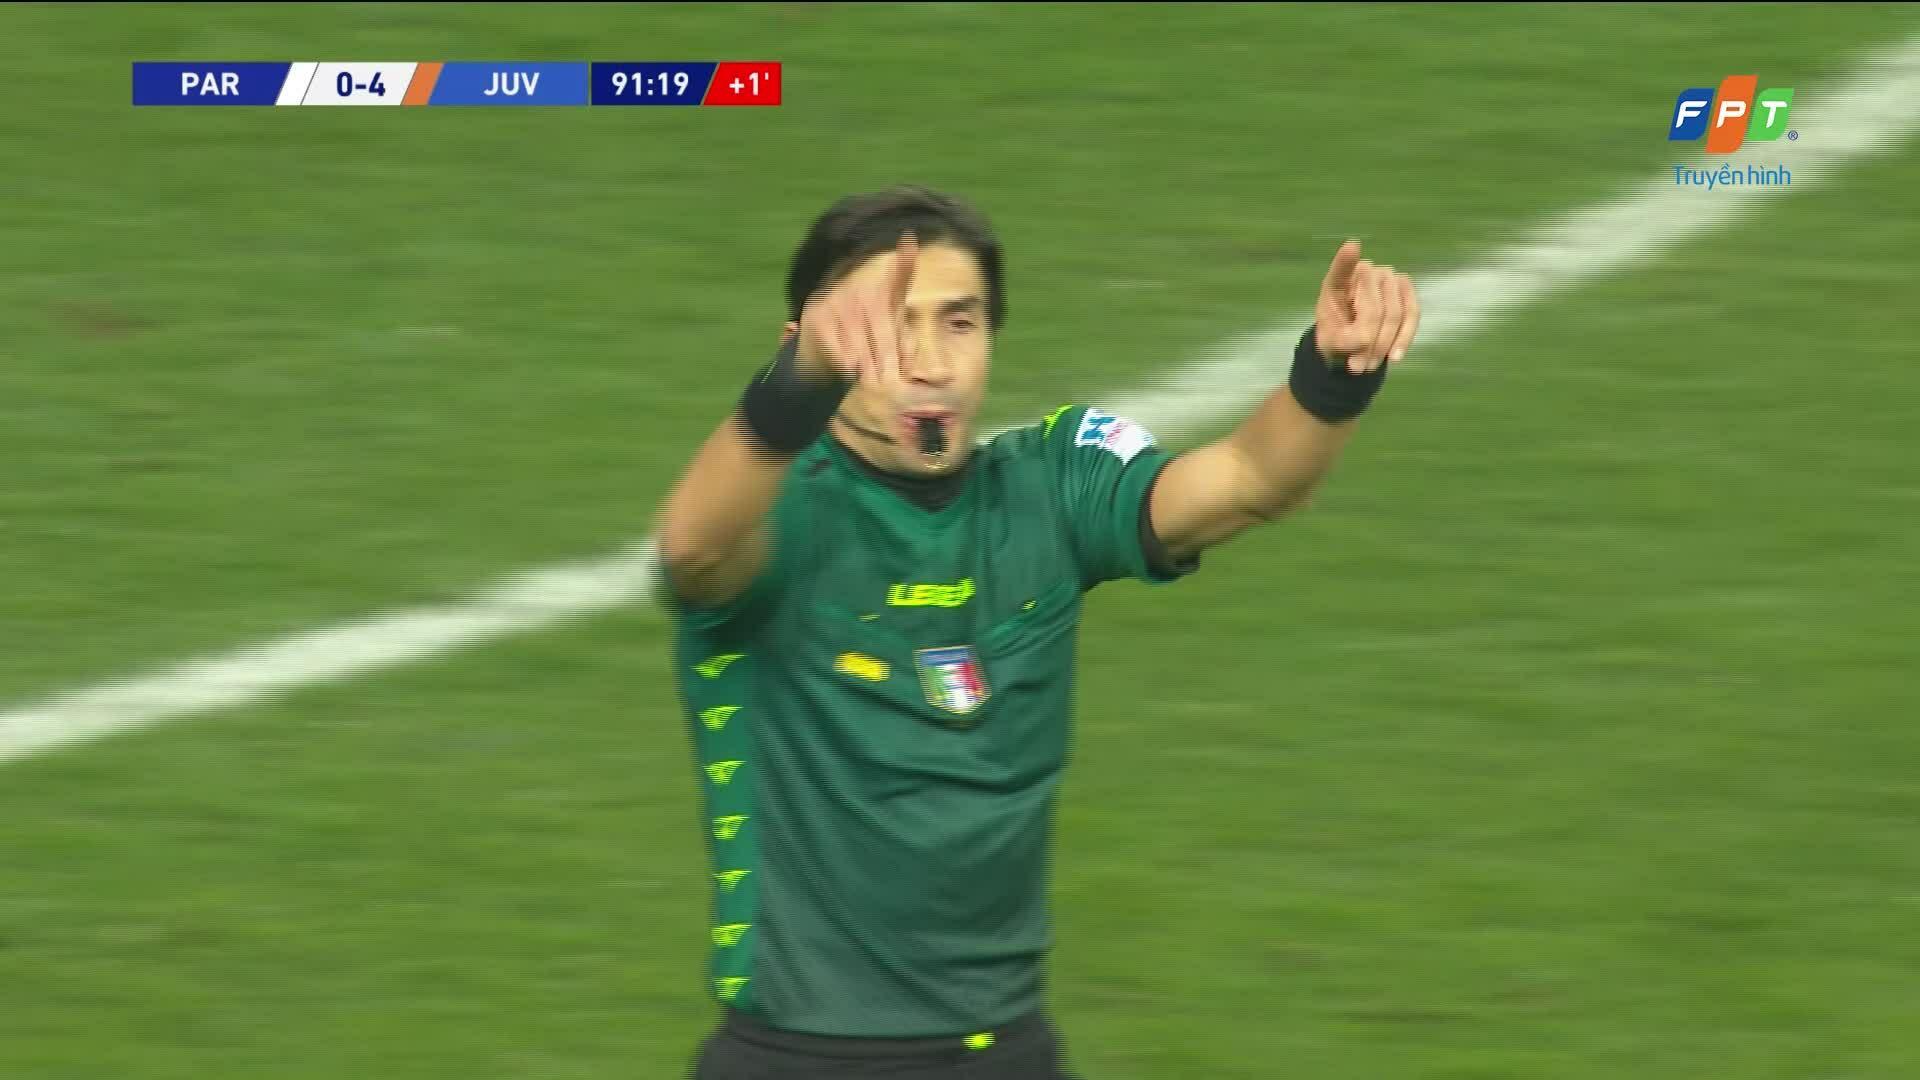 Parma 0-4 Juventus